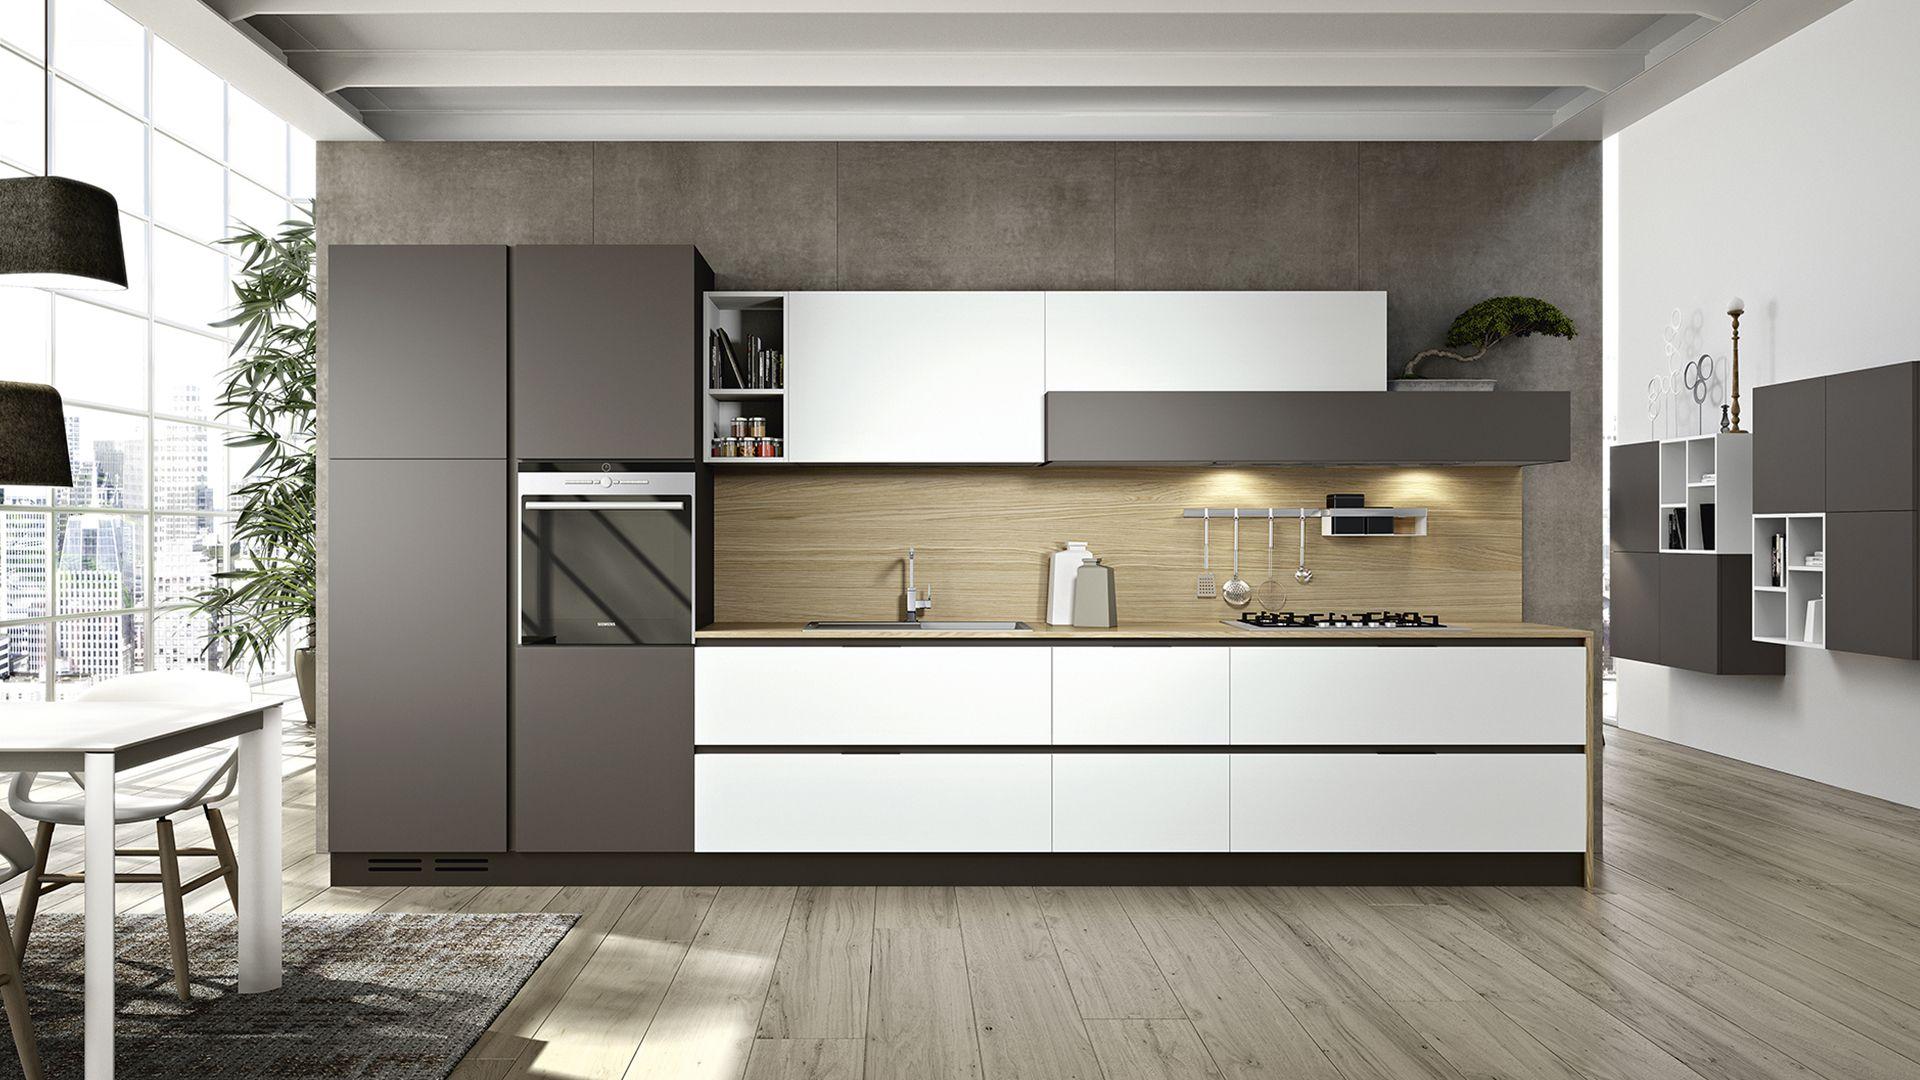 cucina lineare moderna | Cucina 2.0 | Pinterest | Kitchens